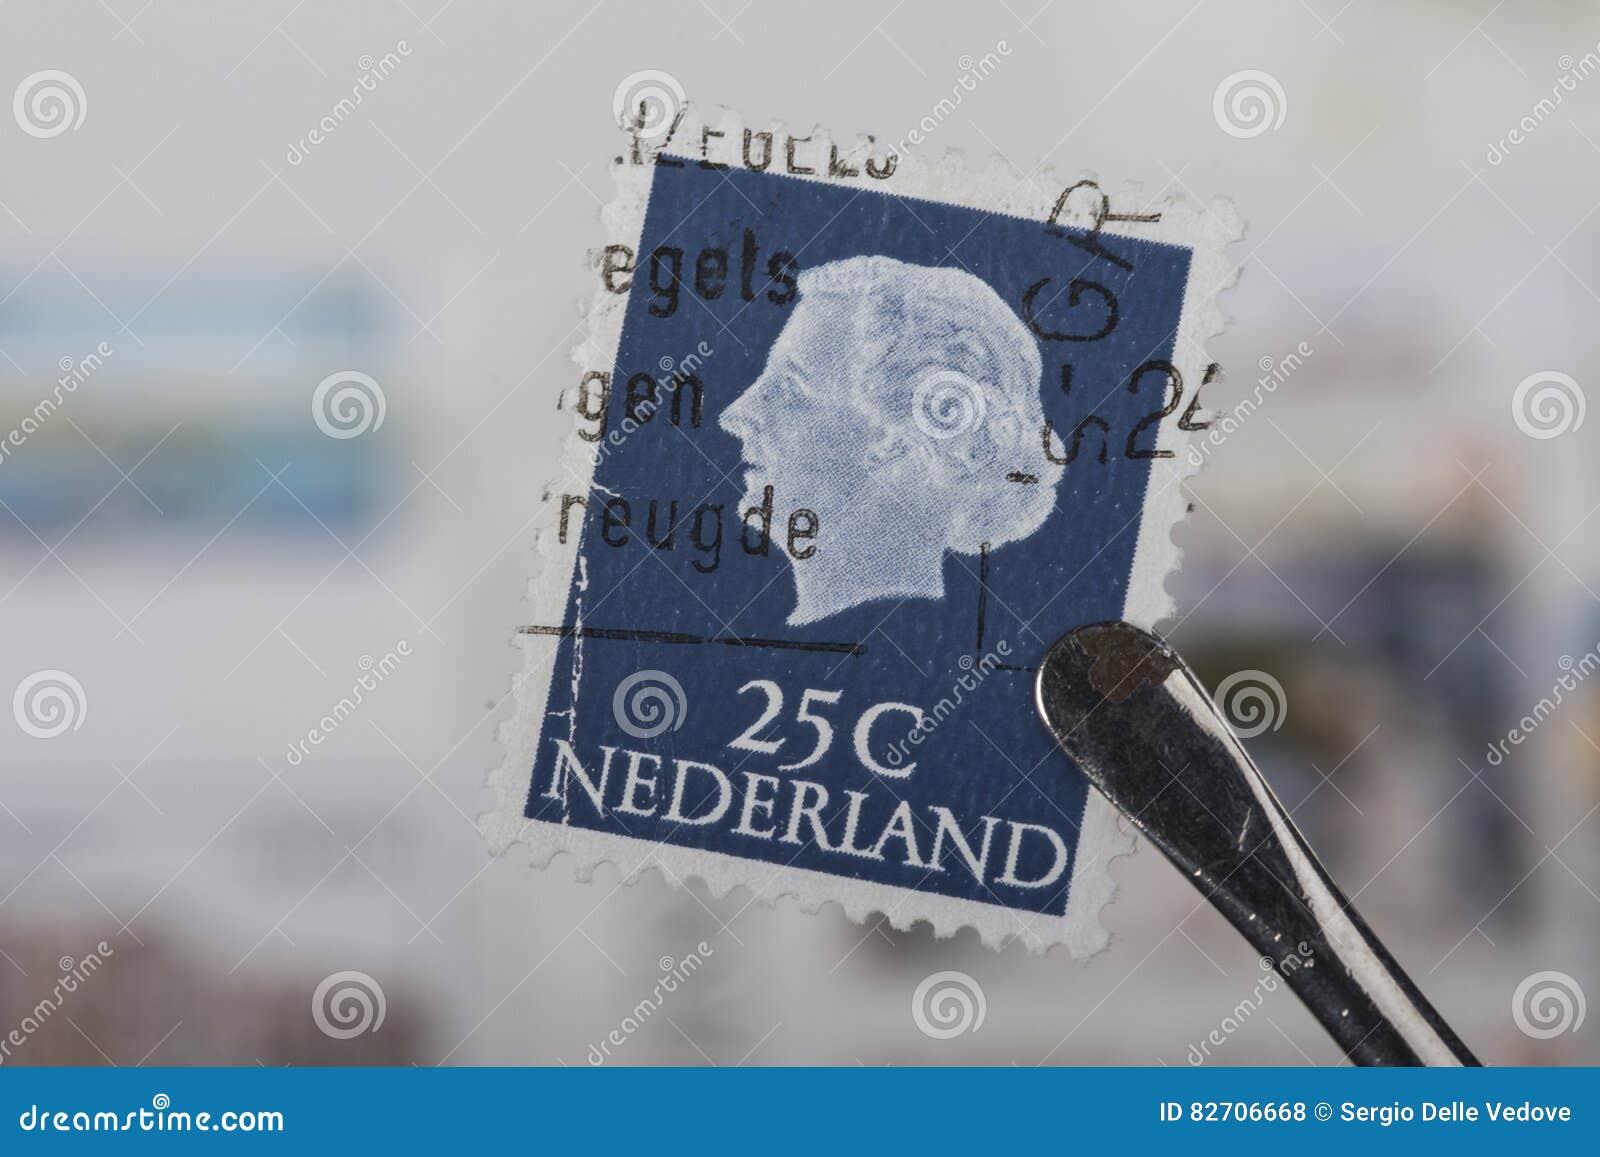 Niederlande & Kolonien Angemessen Briefmarken Niederlande Europa